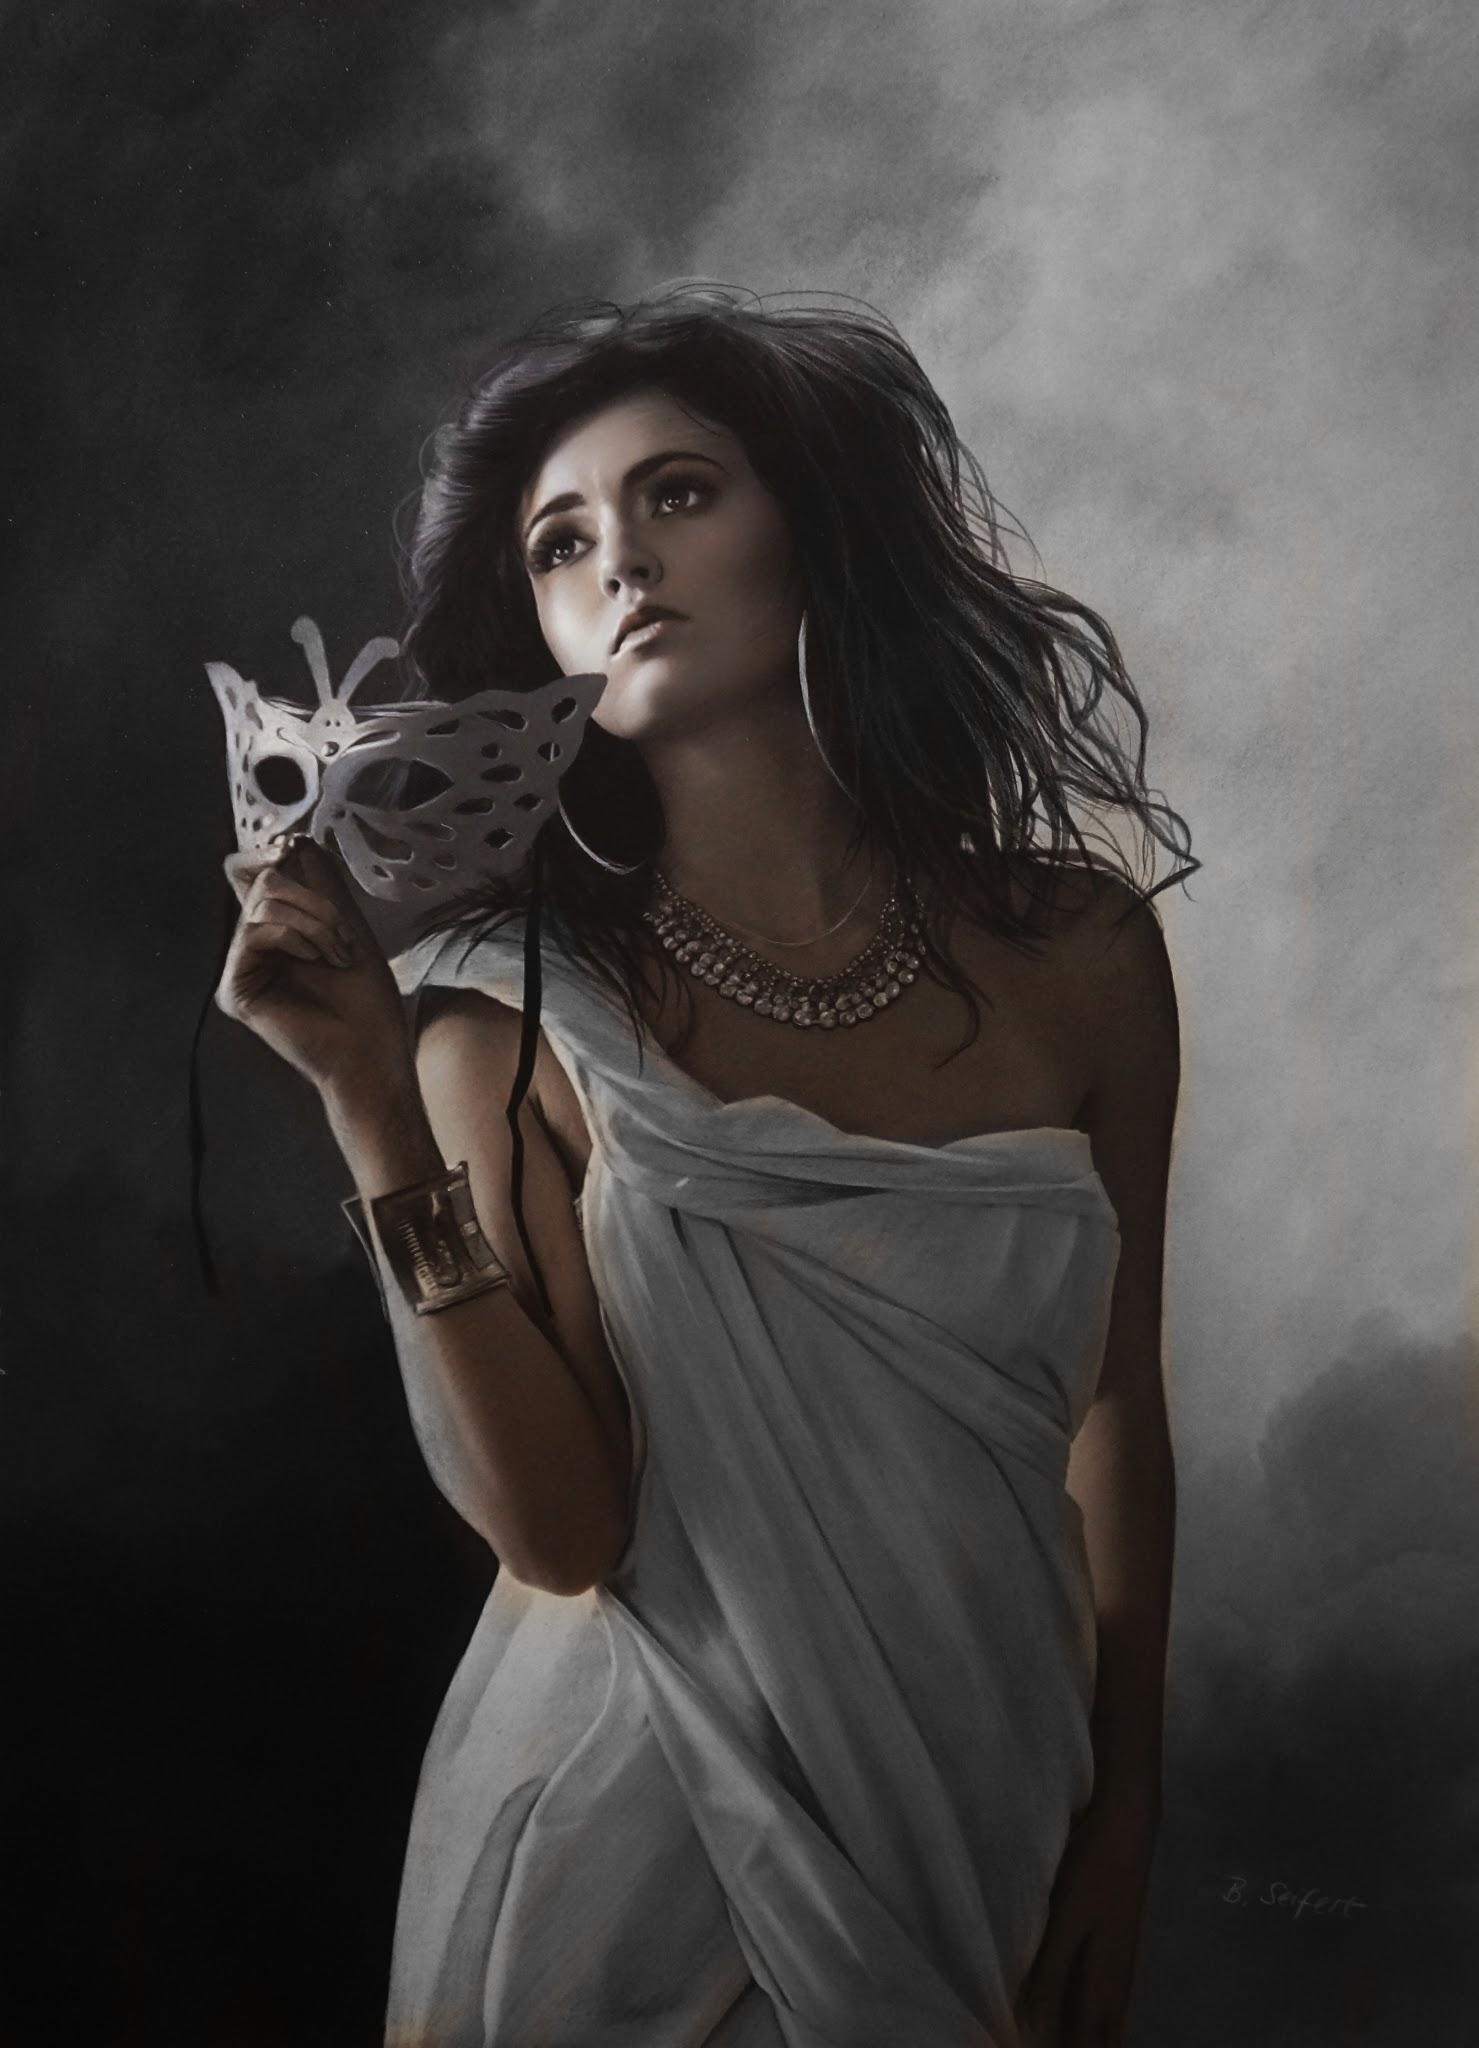 Фото Грустная темноволосая девушка с маской в руке и с украшениями, by Brita Seifert